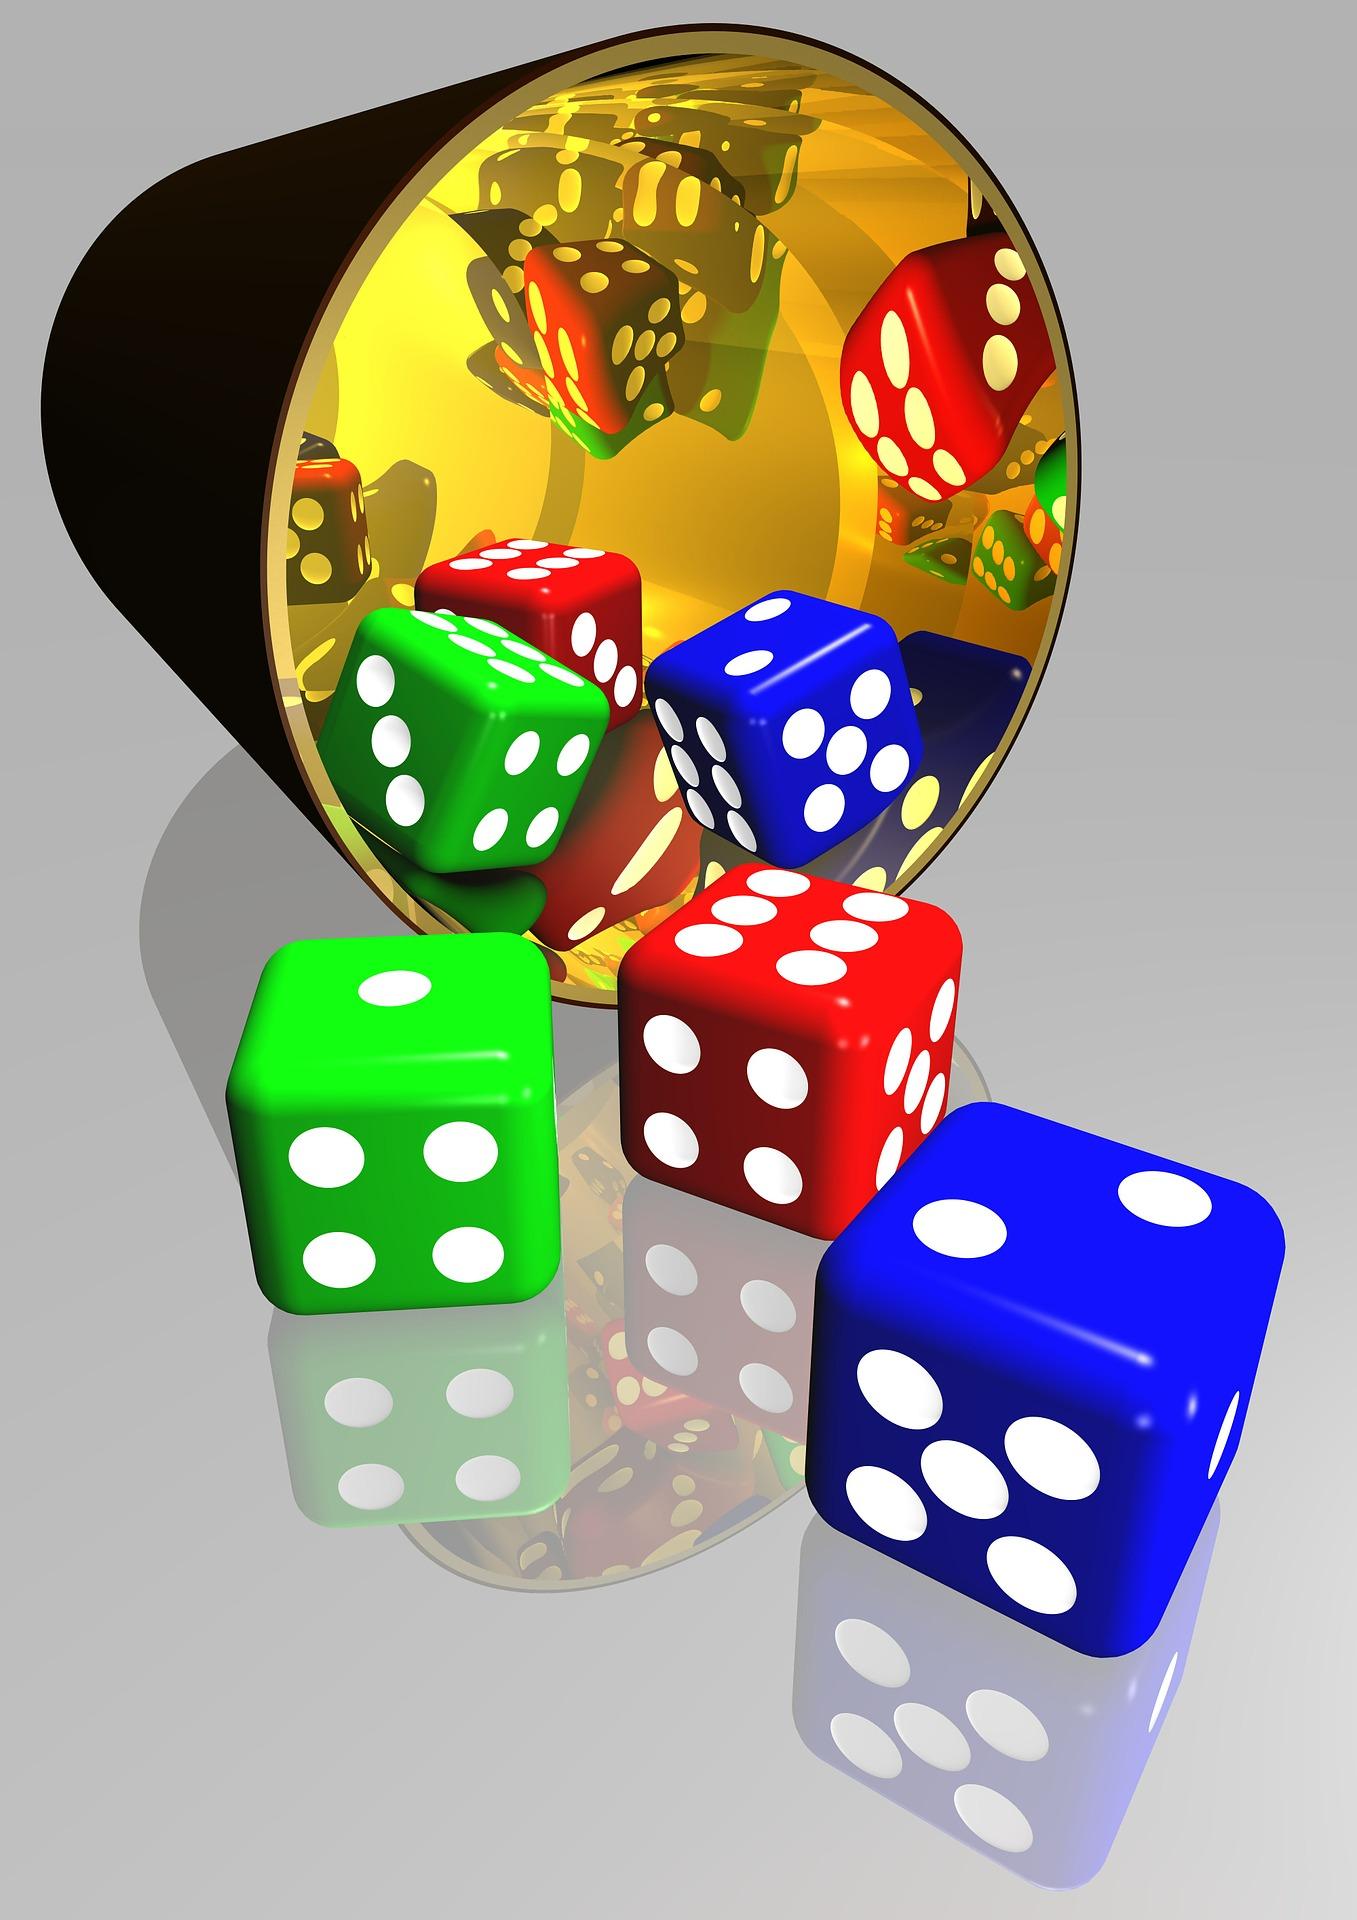 online casino promo code merkur deutschland